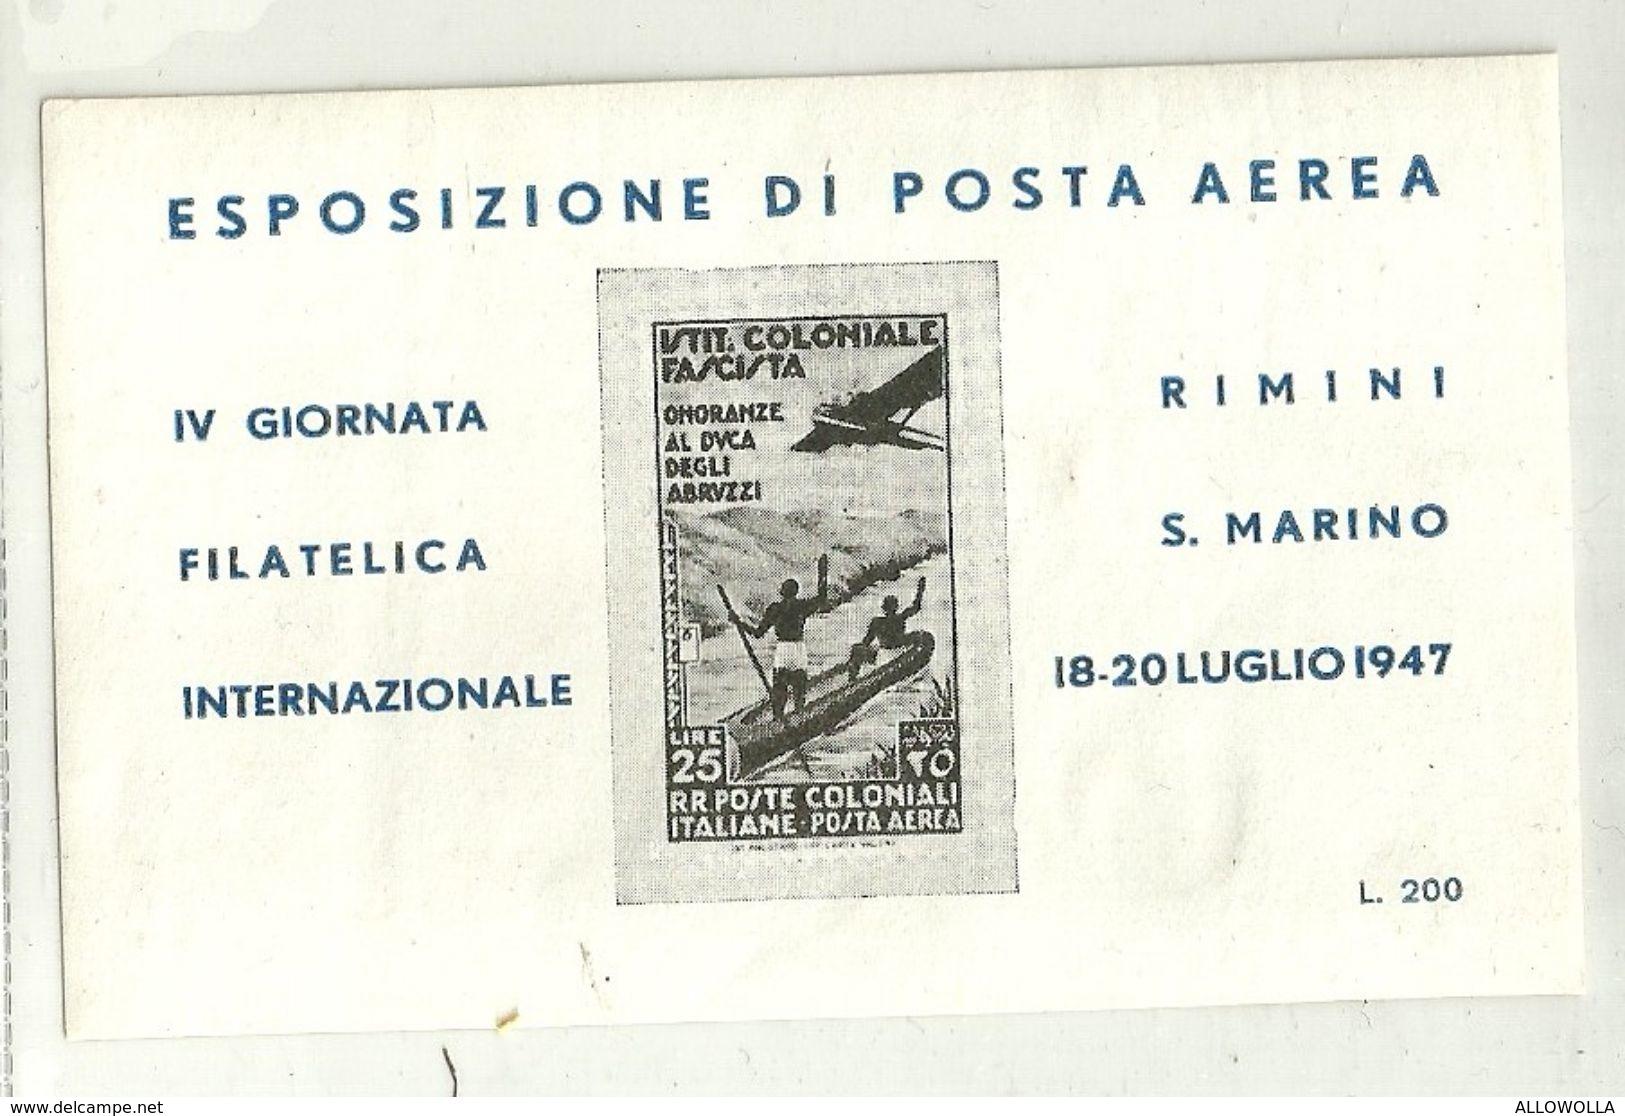 """426 - """"FOGLIETTO ERINNOFILO-ESPOSIZIONE DI POSTA AEREA-RIMINI-S.MARINO 18-20 LUGLIO1947 """"  NUOVO-GOMMATO - Erinnofilia"""